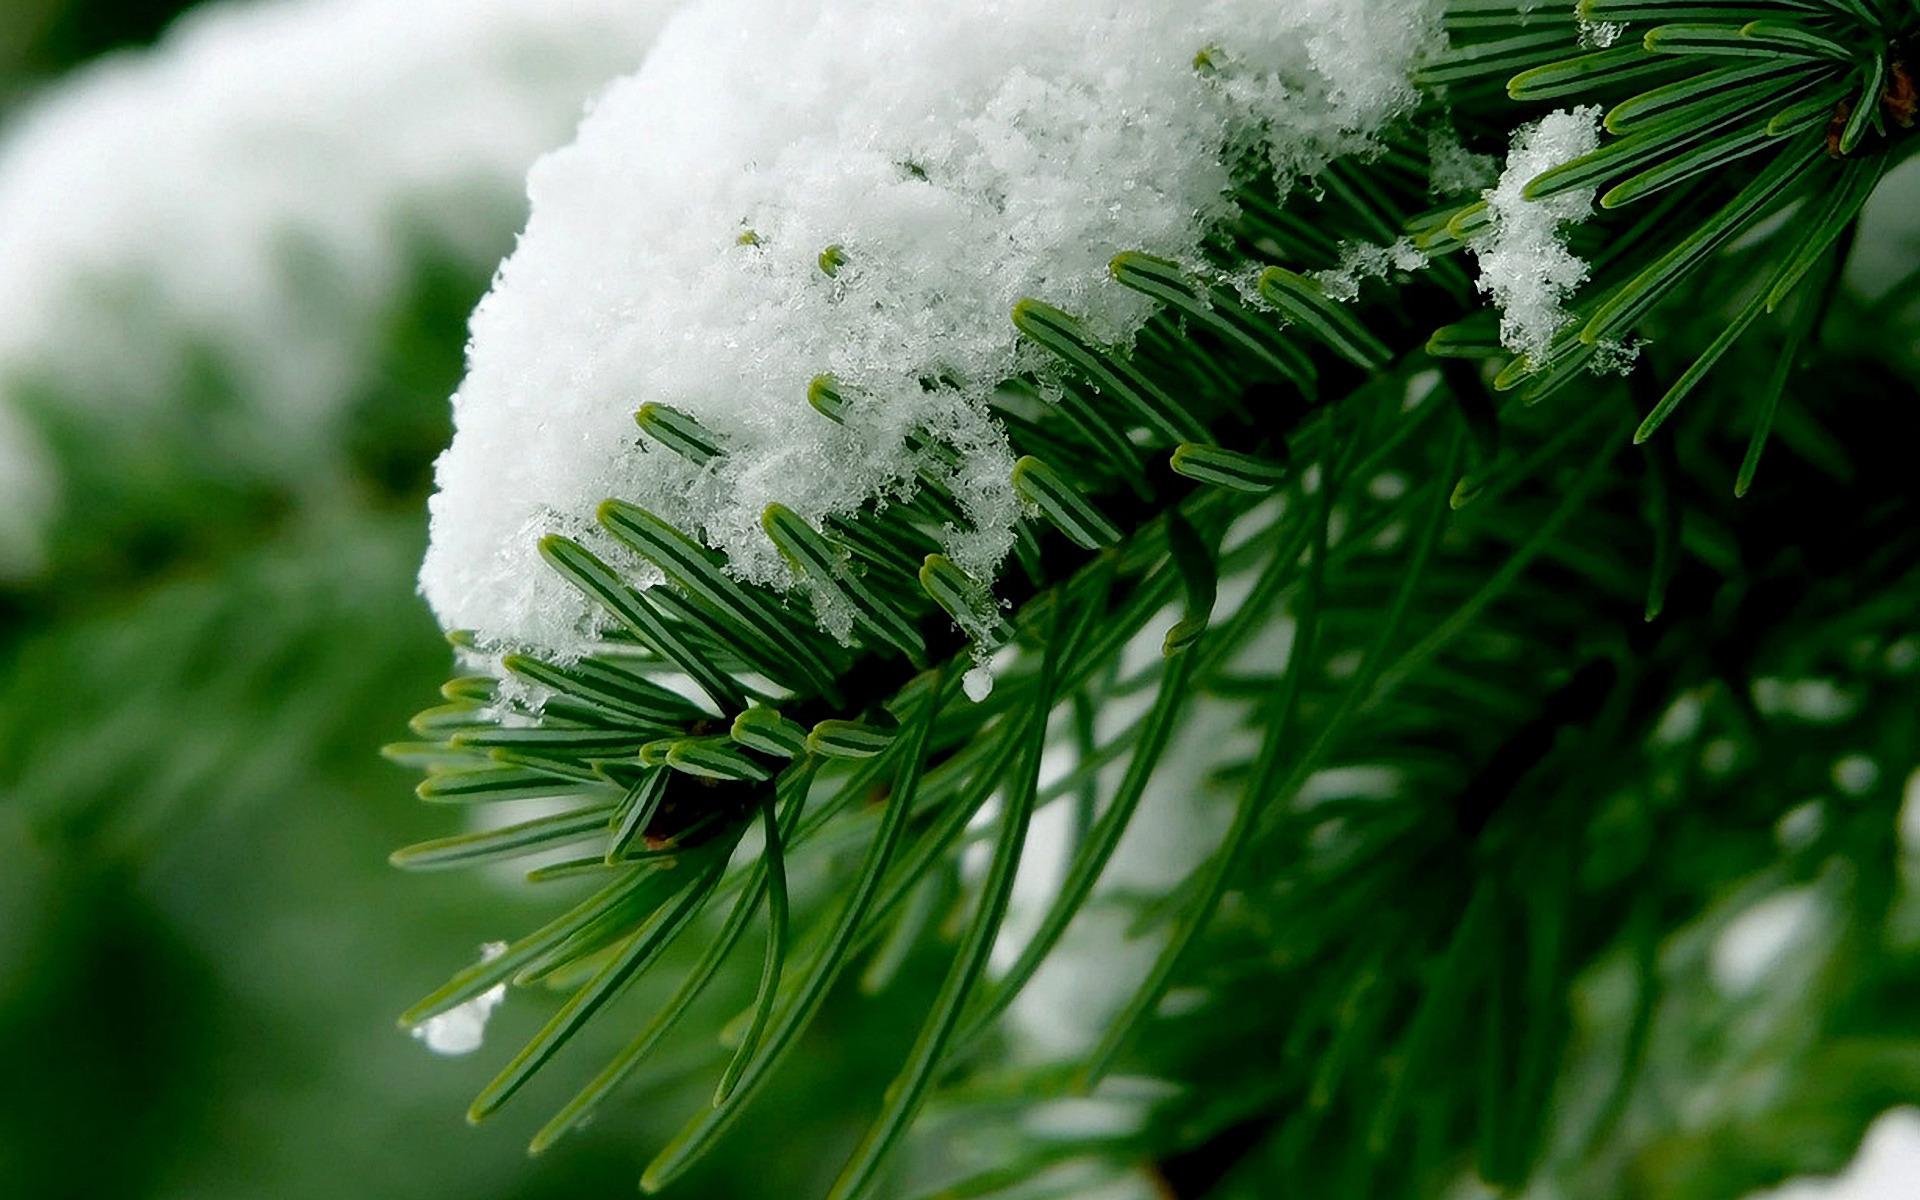 снег ели зима  № 3180924 бесплатно